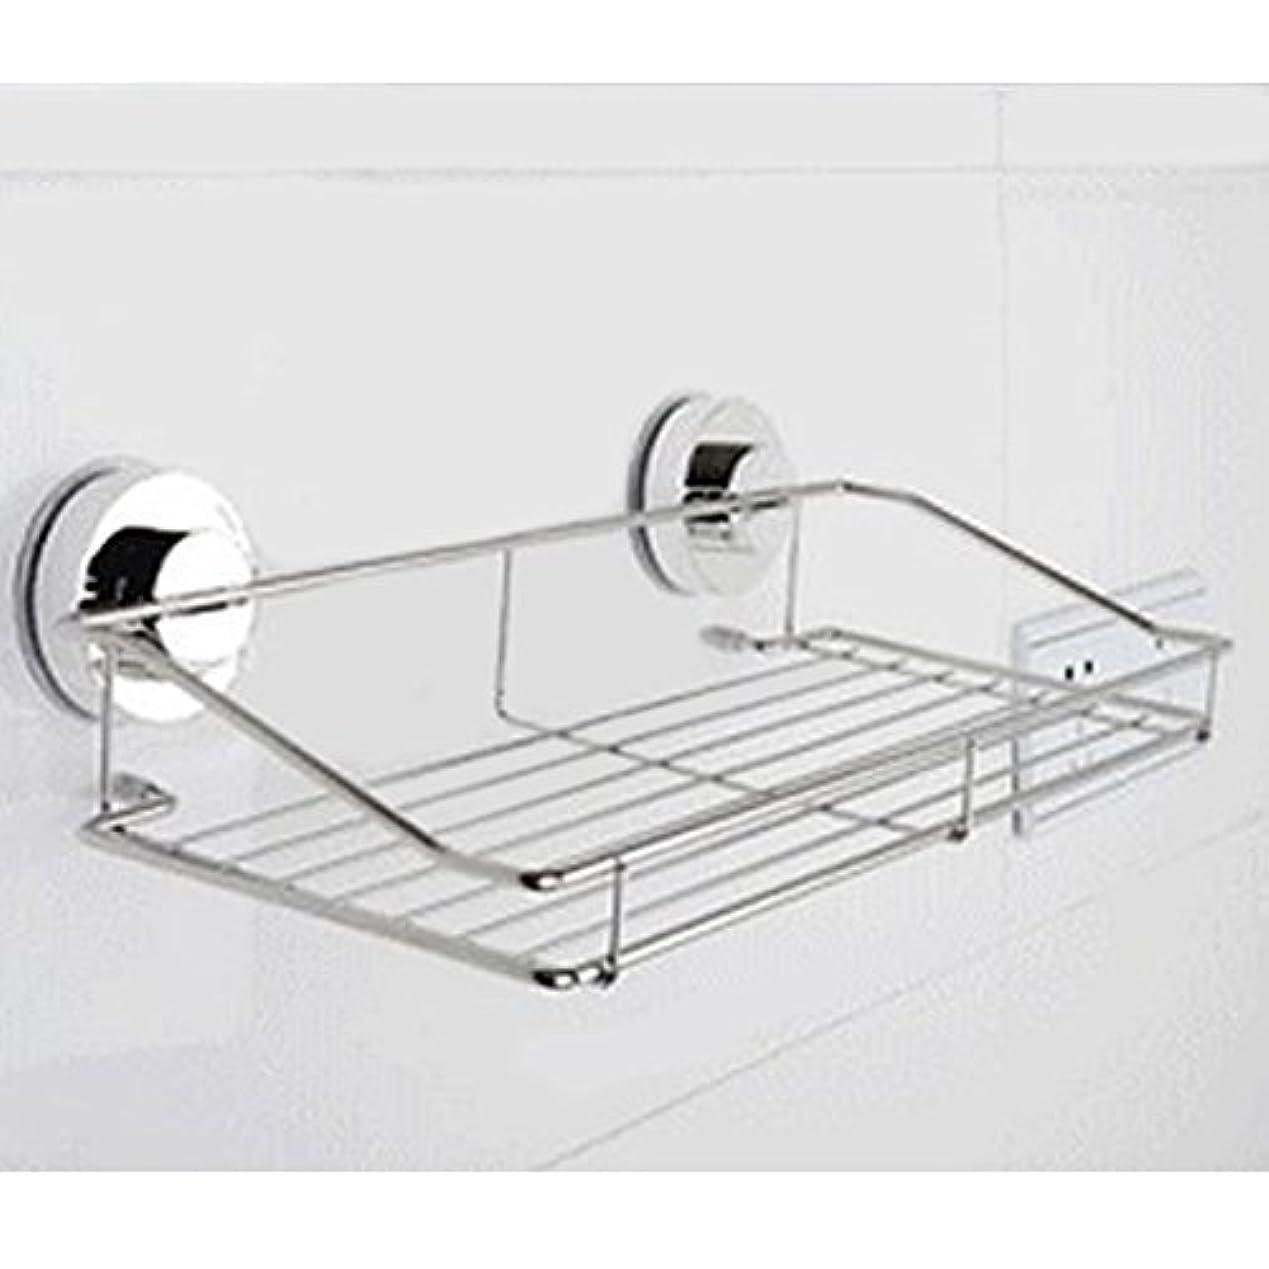 へこみ火山学結紮どこでもラック 強力 吸盤 トレイ ホルダー  キッチン お風呂 バス 水切り 洗面所 壁 ガラス タイル KB-DOKOTUKU (Lサイズ350×90×180mm)